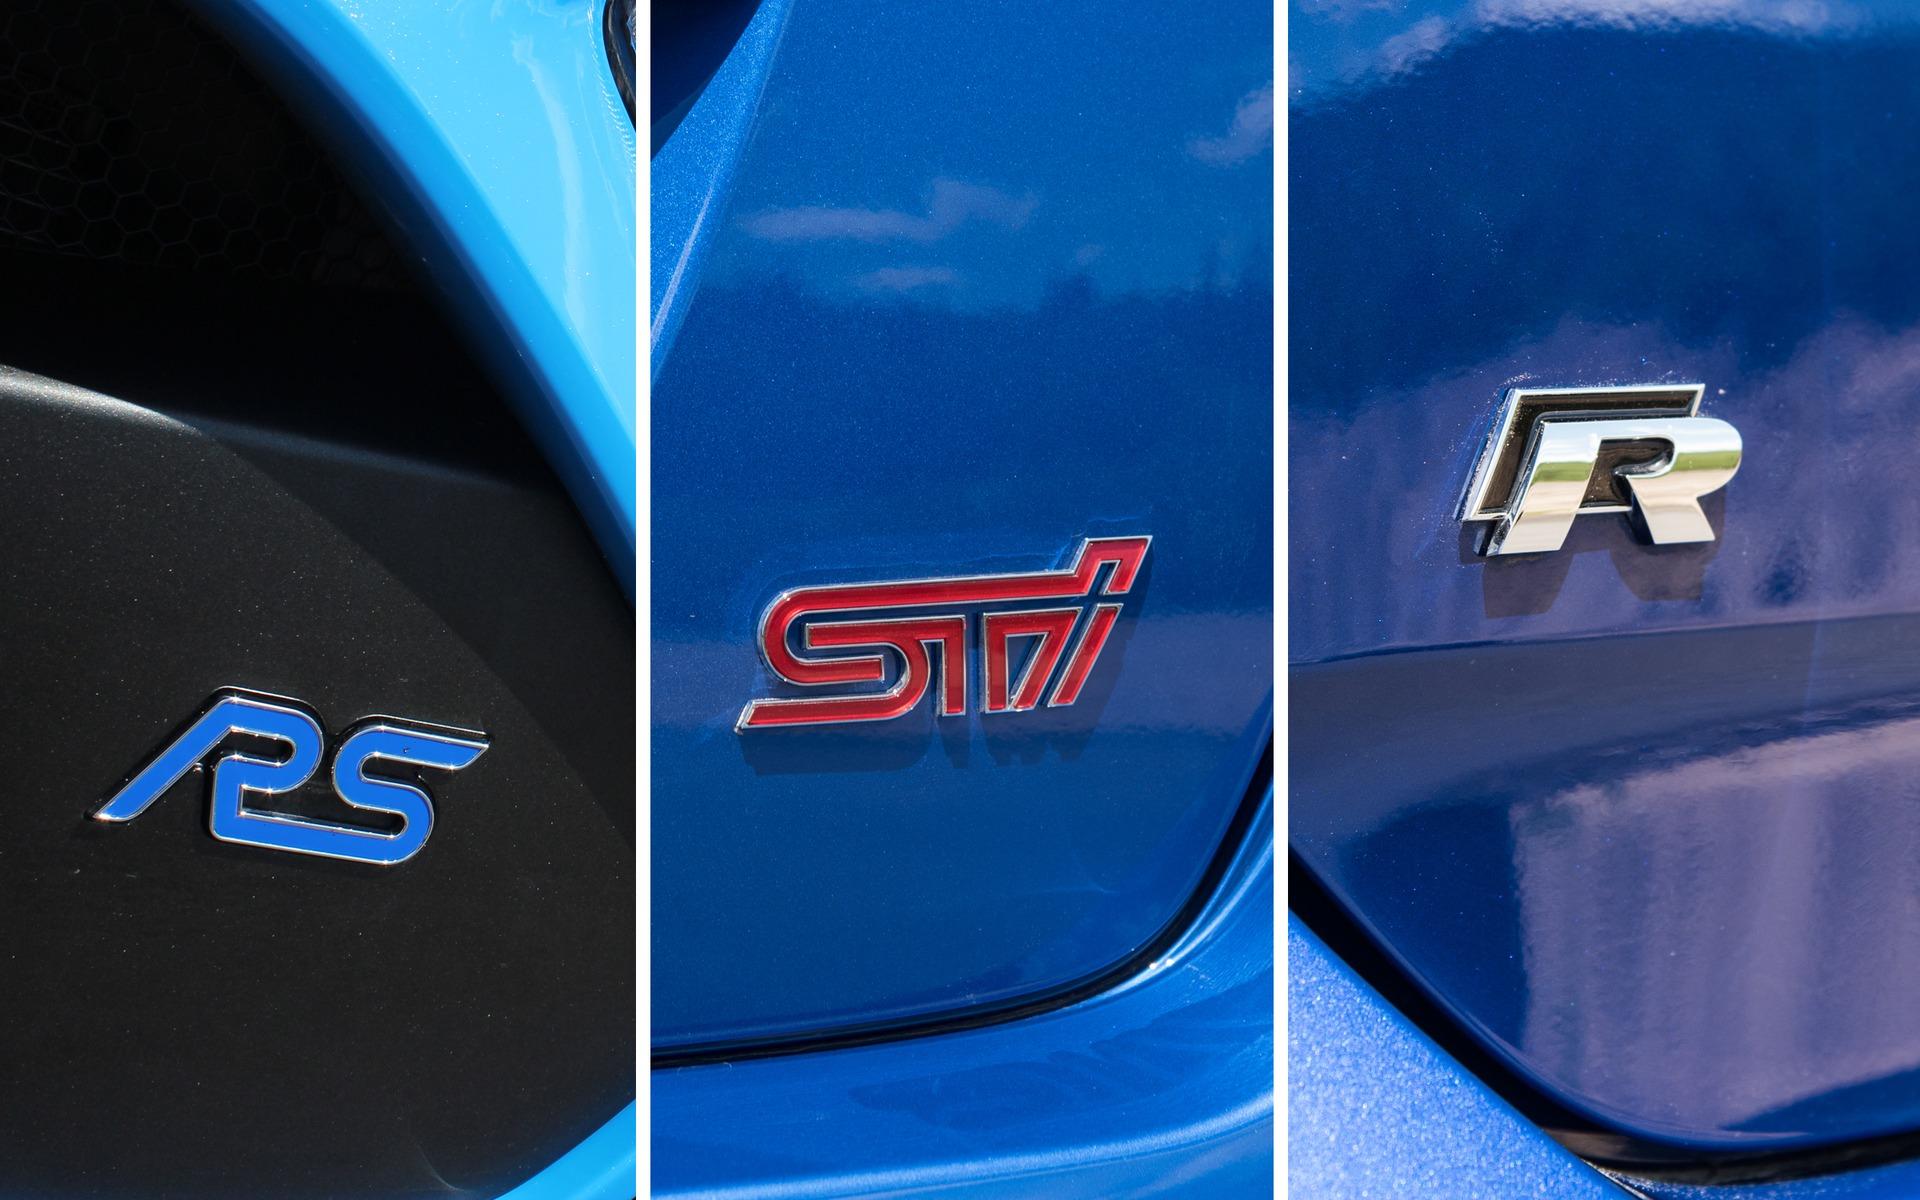 Comparison Test Ford Focus Rs Vs Subaru Wrx Sti Vs Volkswagen Golf R The Car Guide